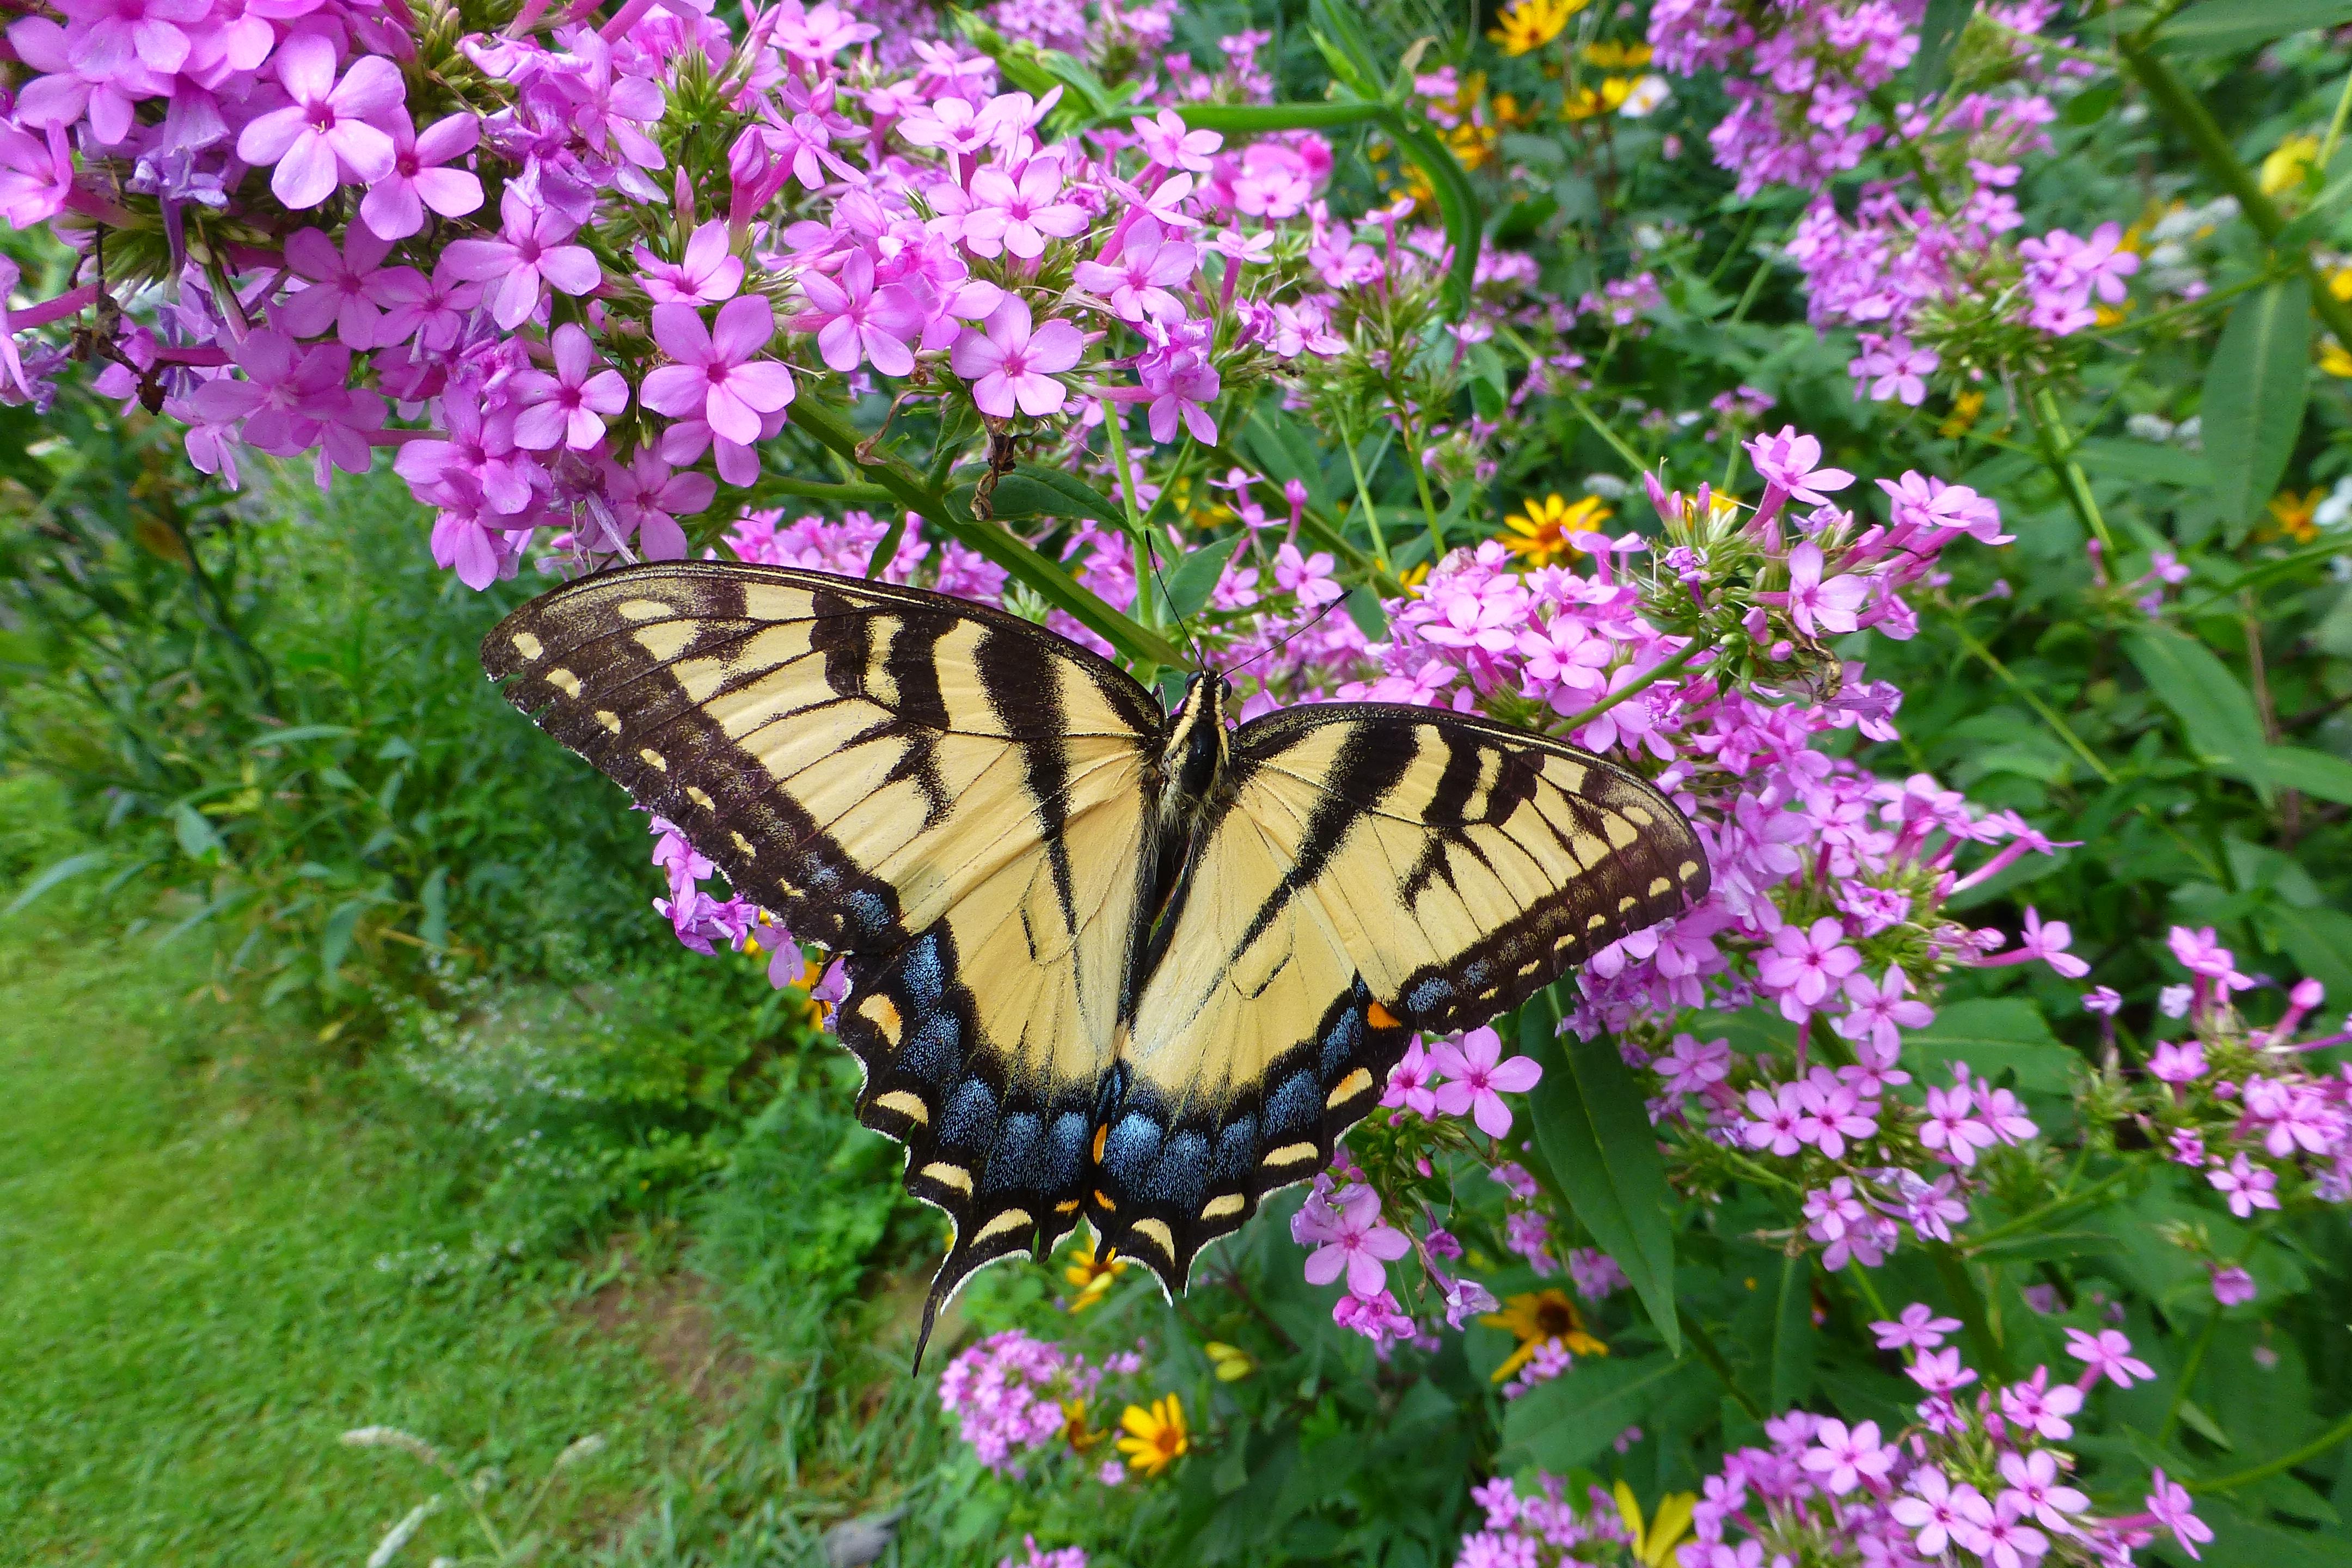 tiger swallowtail on phlox at Sues